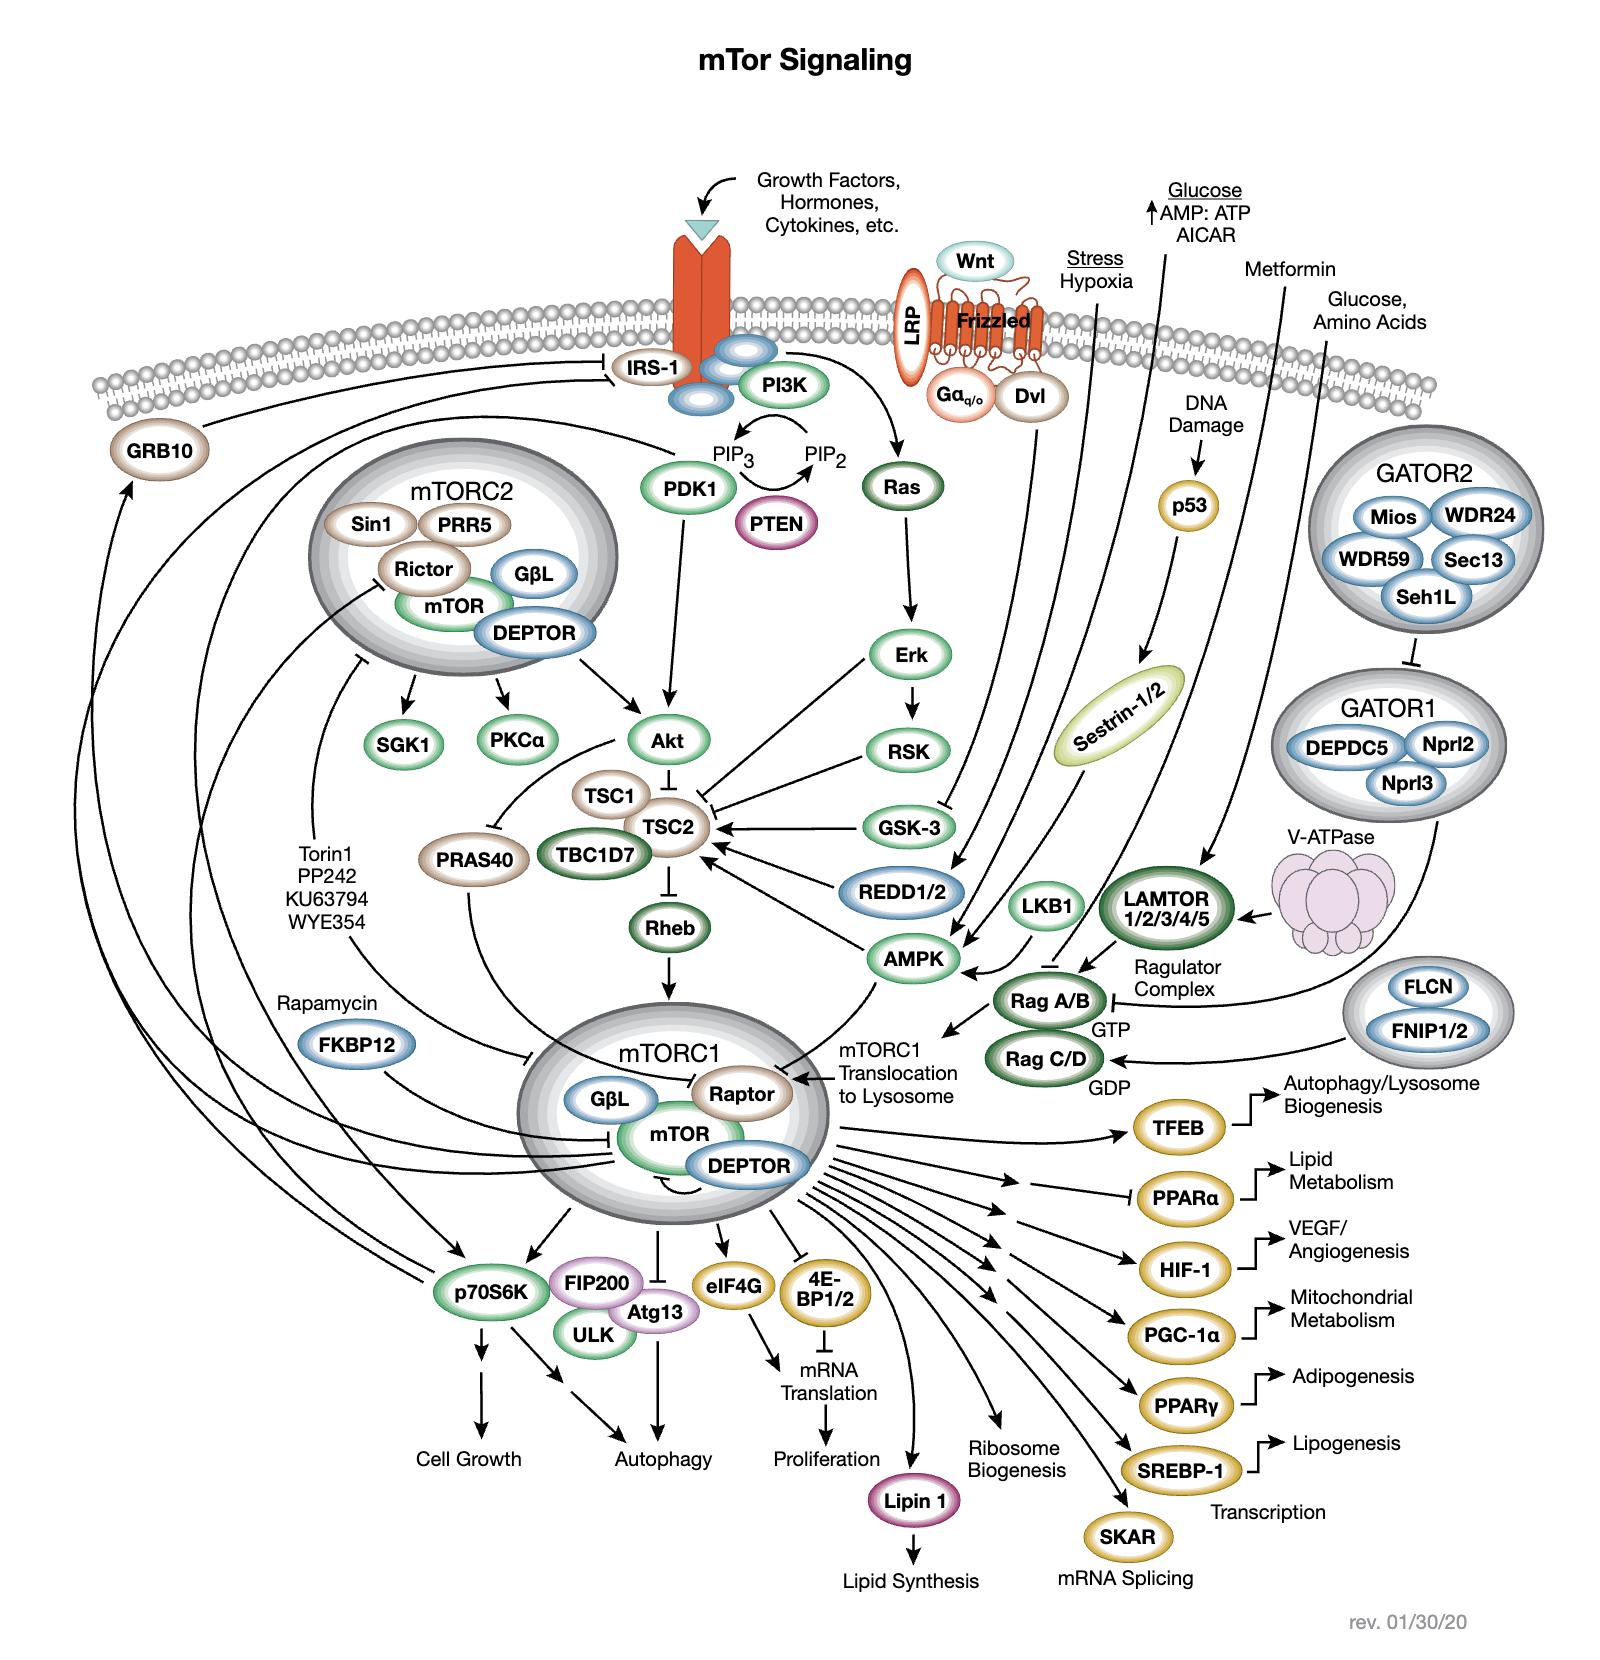 mTOR Interactive Signaling Pathway